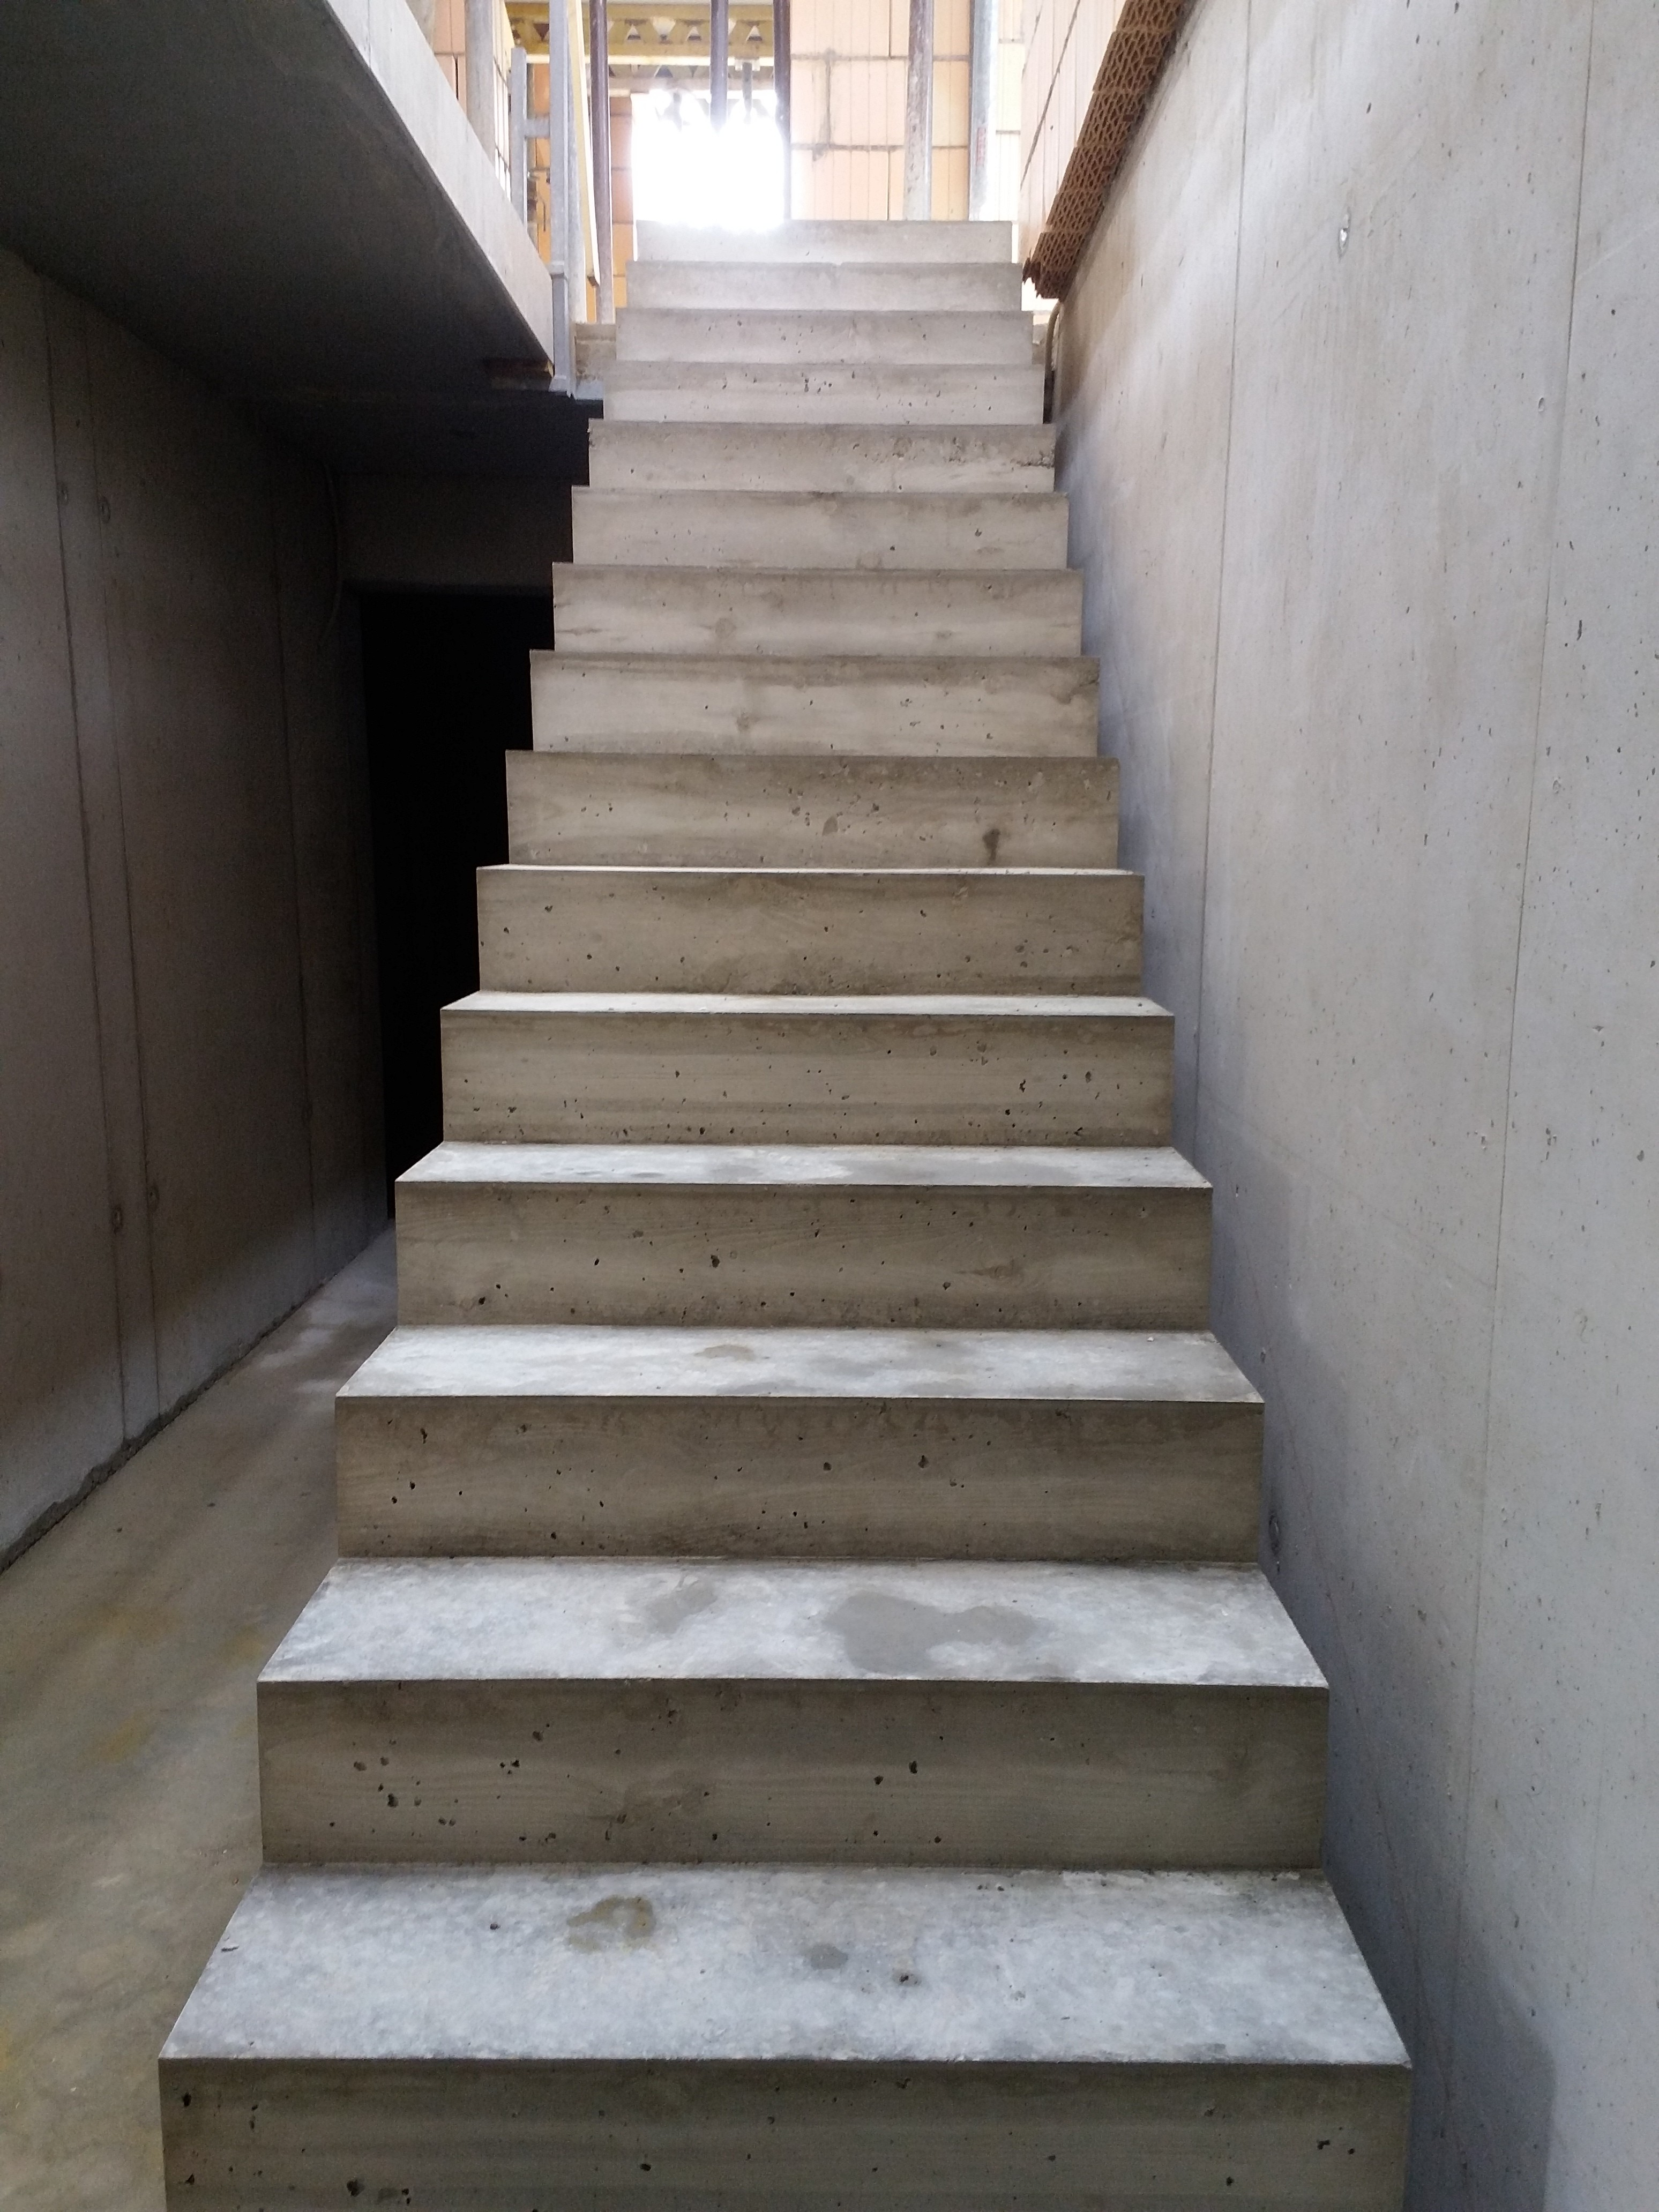 Treppen architektur einfamilienhaus  Einfamilienhaus Dingelsdorf | neogeo architekten